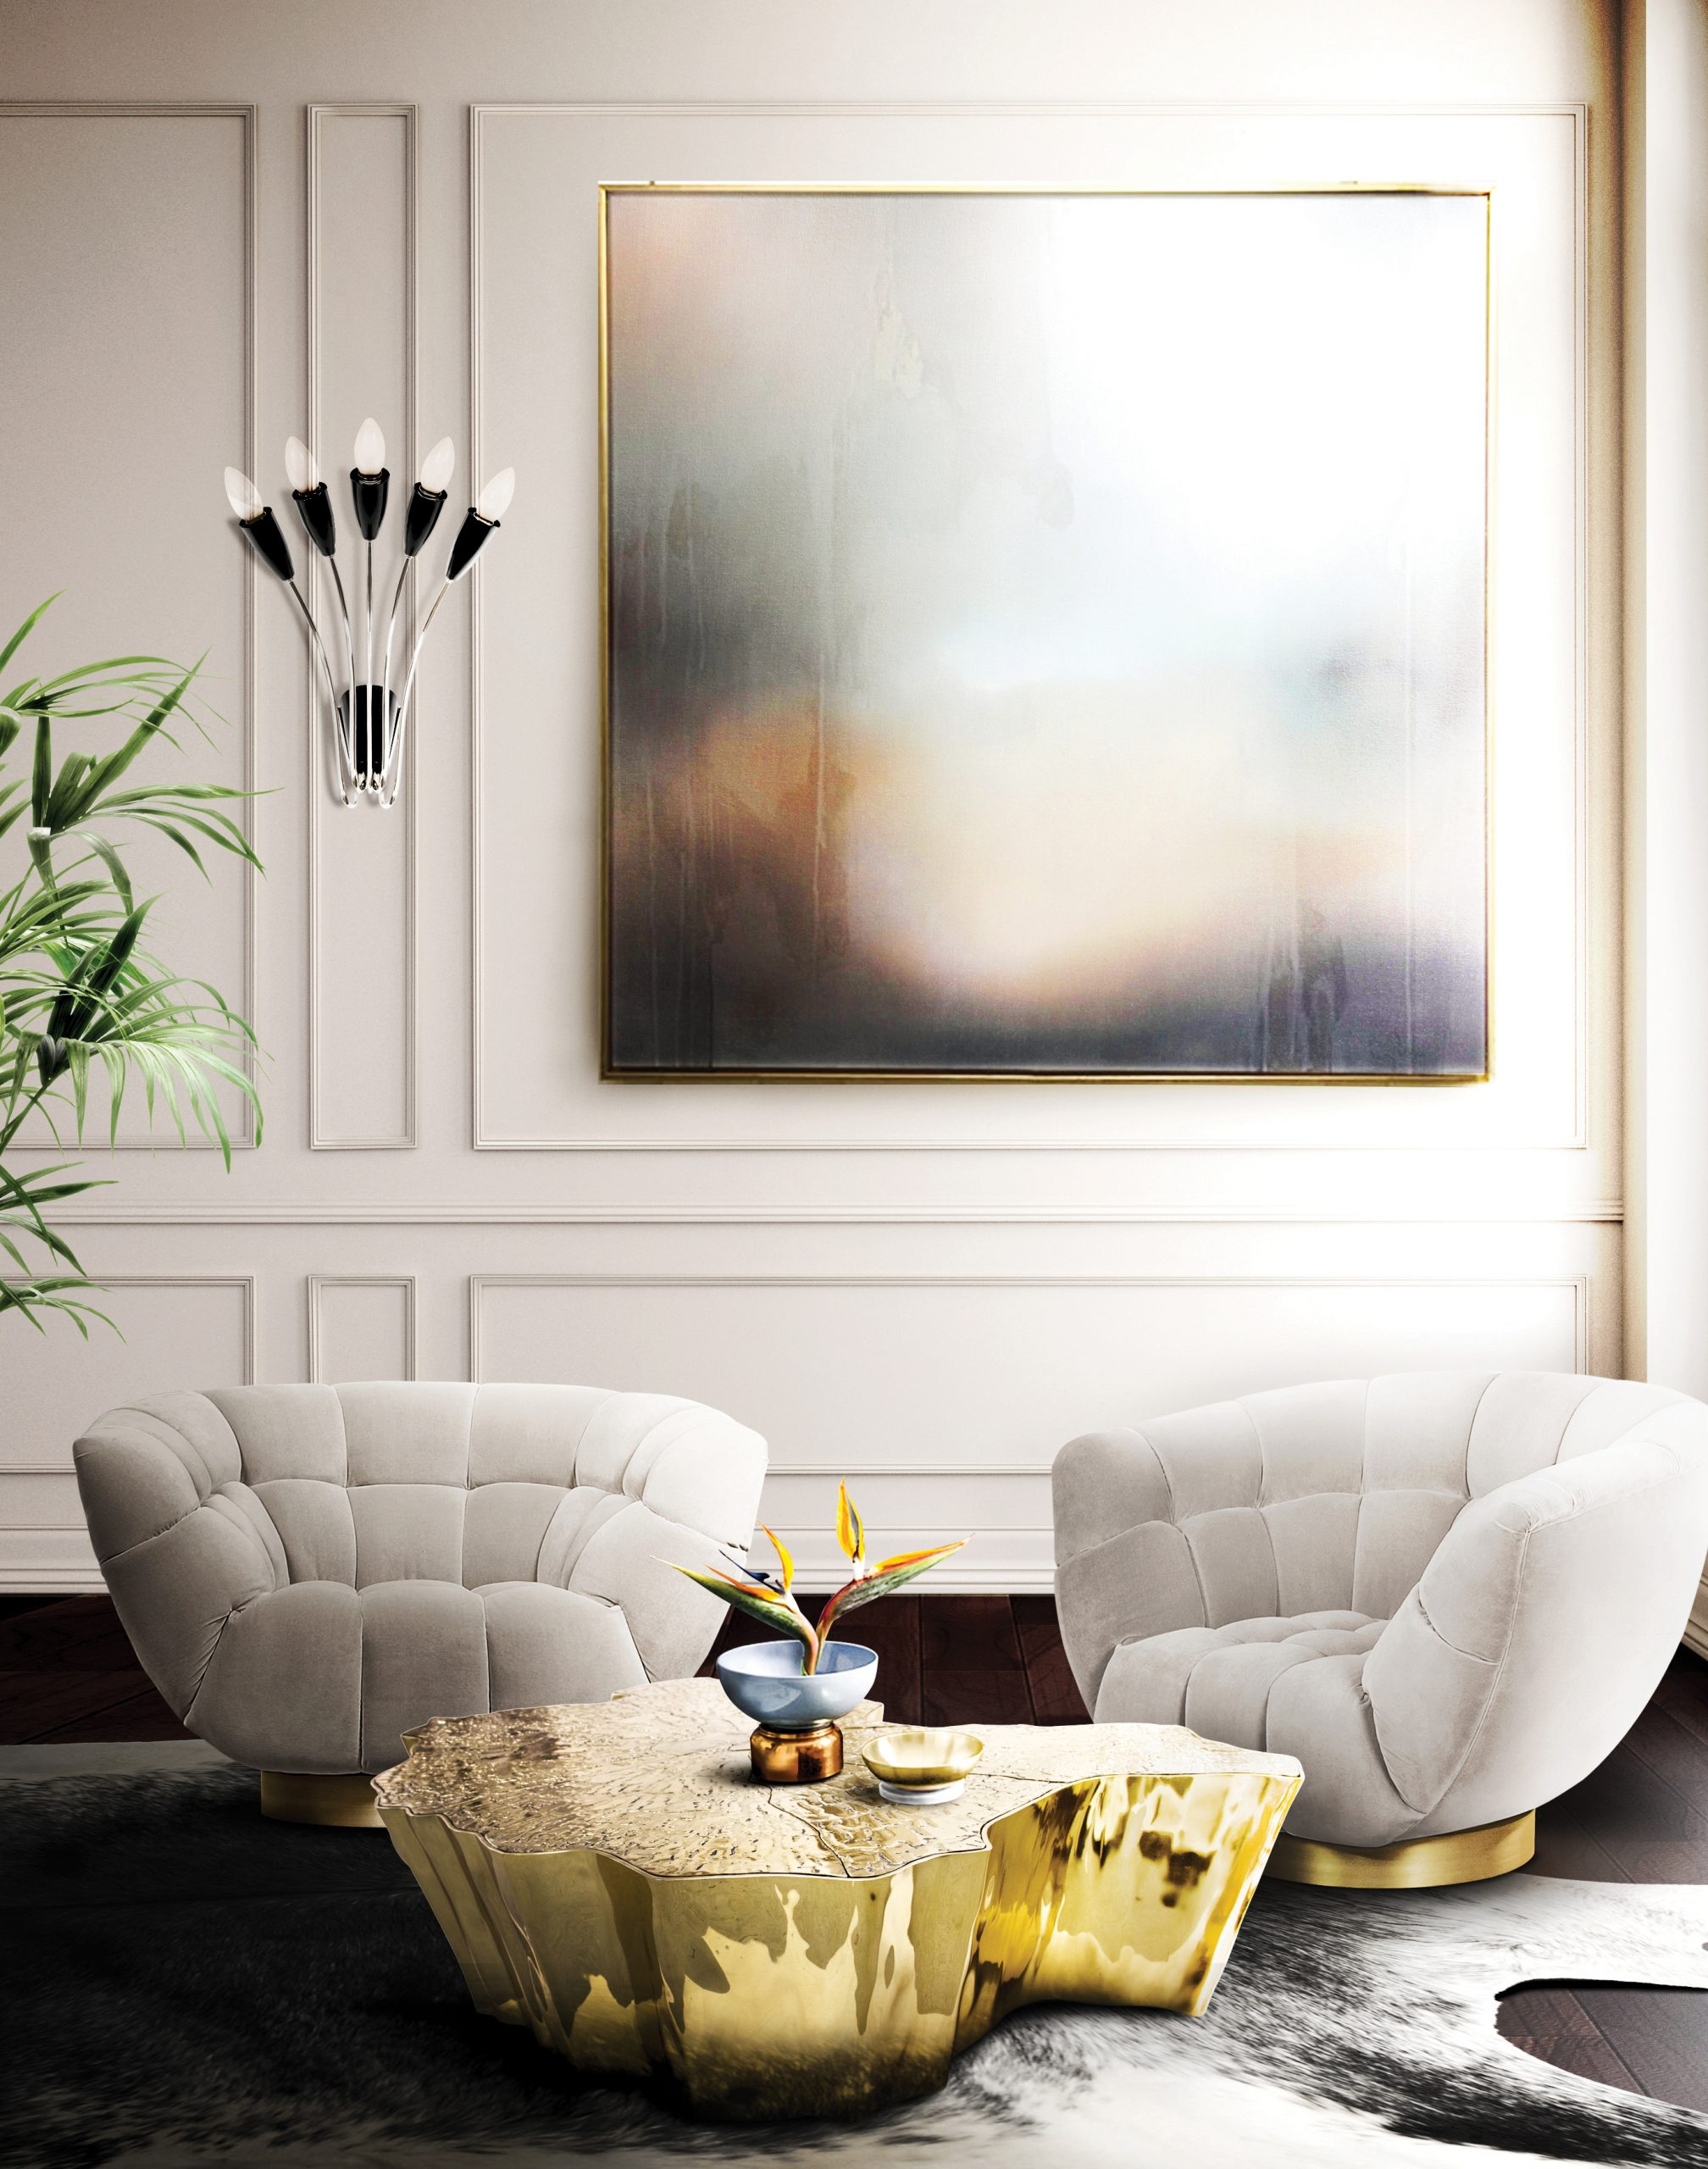 Full Size of Wohnzimmer Einrichten Modern Couchtisch Dekorieren Tipps Ihren Modernen Zimmer Zu Schrank Deckenlampen Küche Deko Deckenlampe Lampen Led Deckenleuchte Board Wohnzimmer Wohnzimmer Einrichten Modern